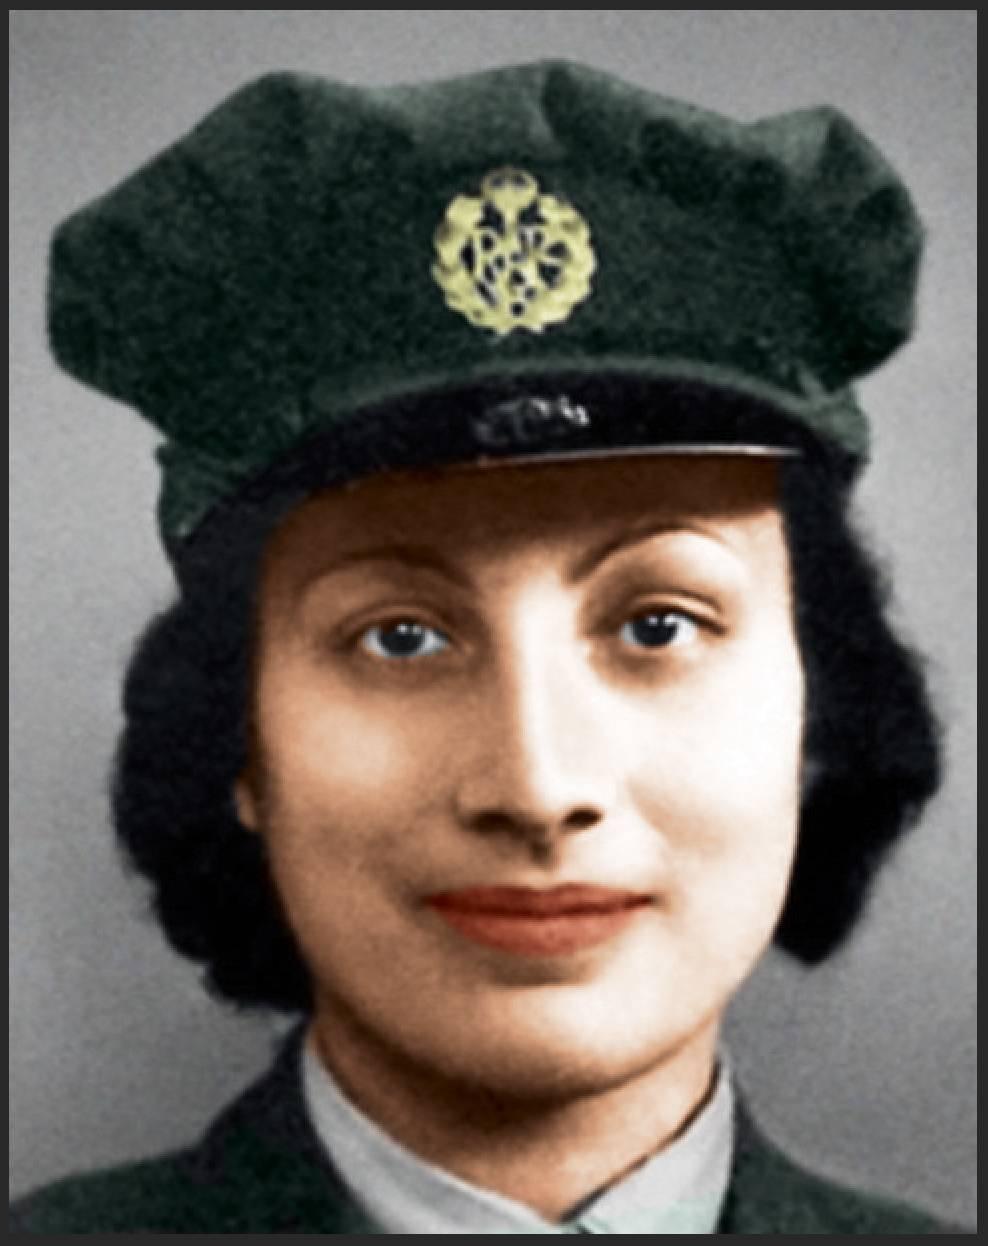 Noor_Inayat_Khan,_c.1943